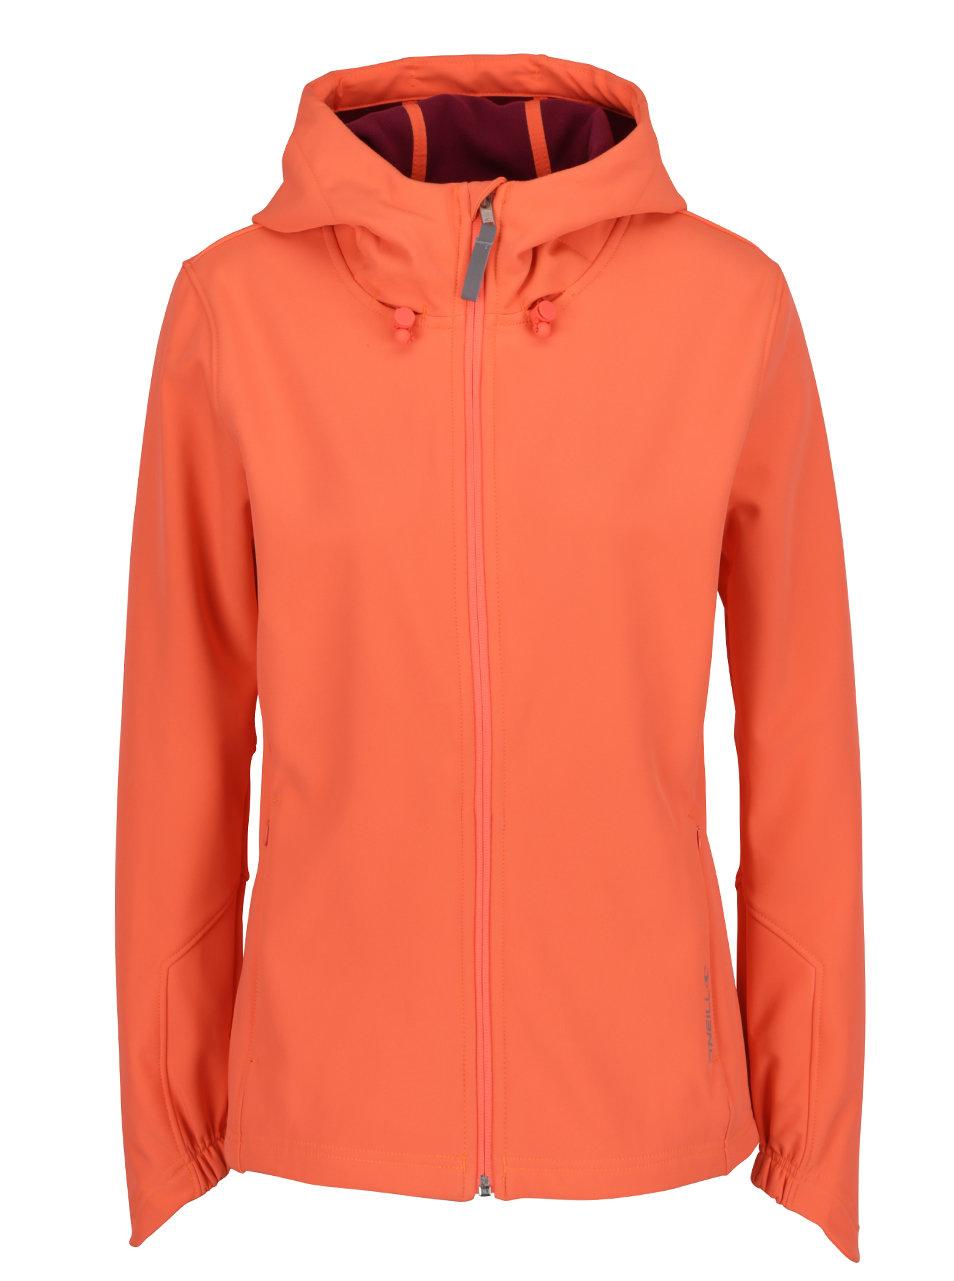 Oranžová dámska športová bunda O Neill ... dc6061be766